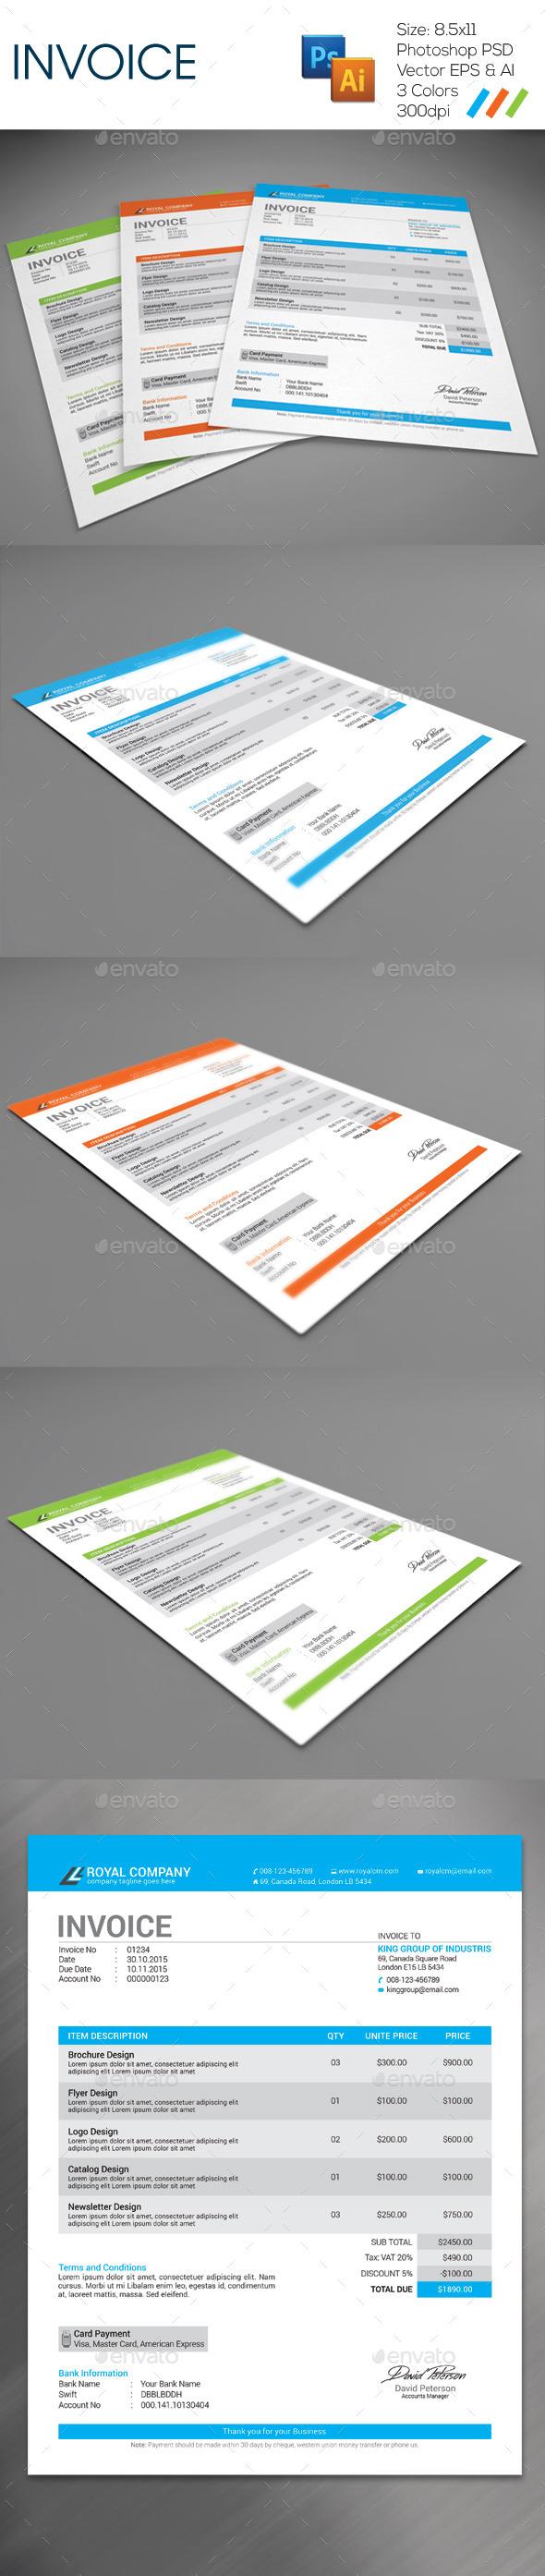 GraphicRiver Invoice 9328626